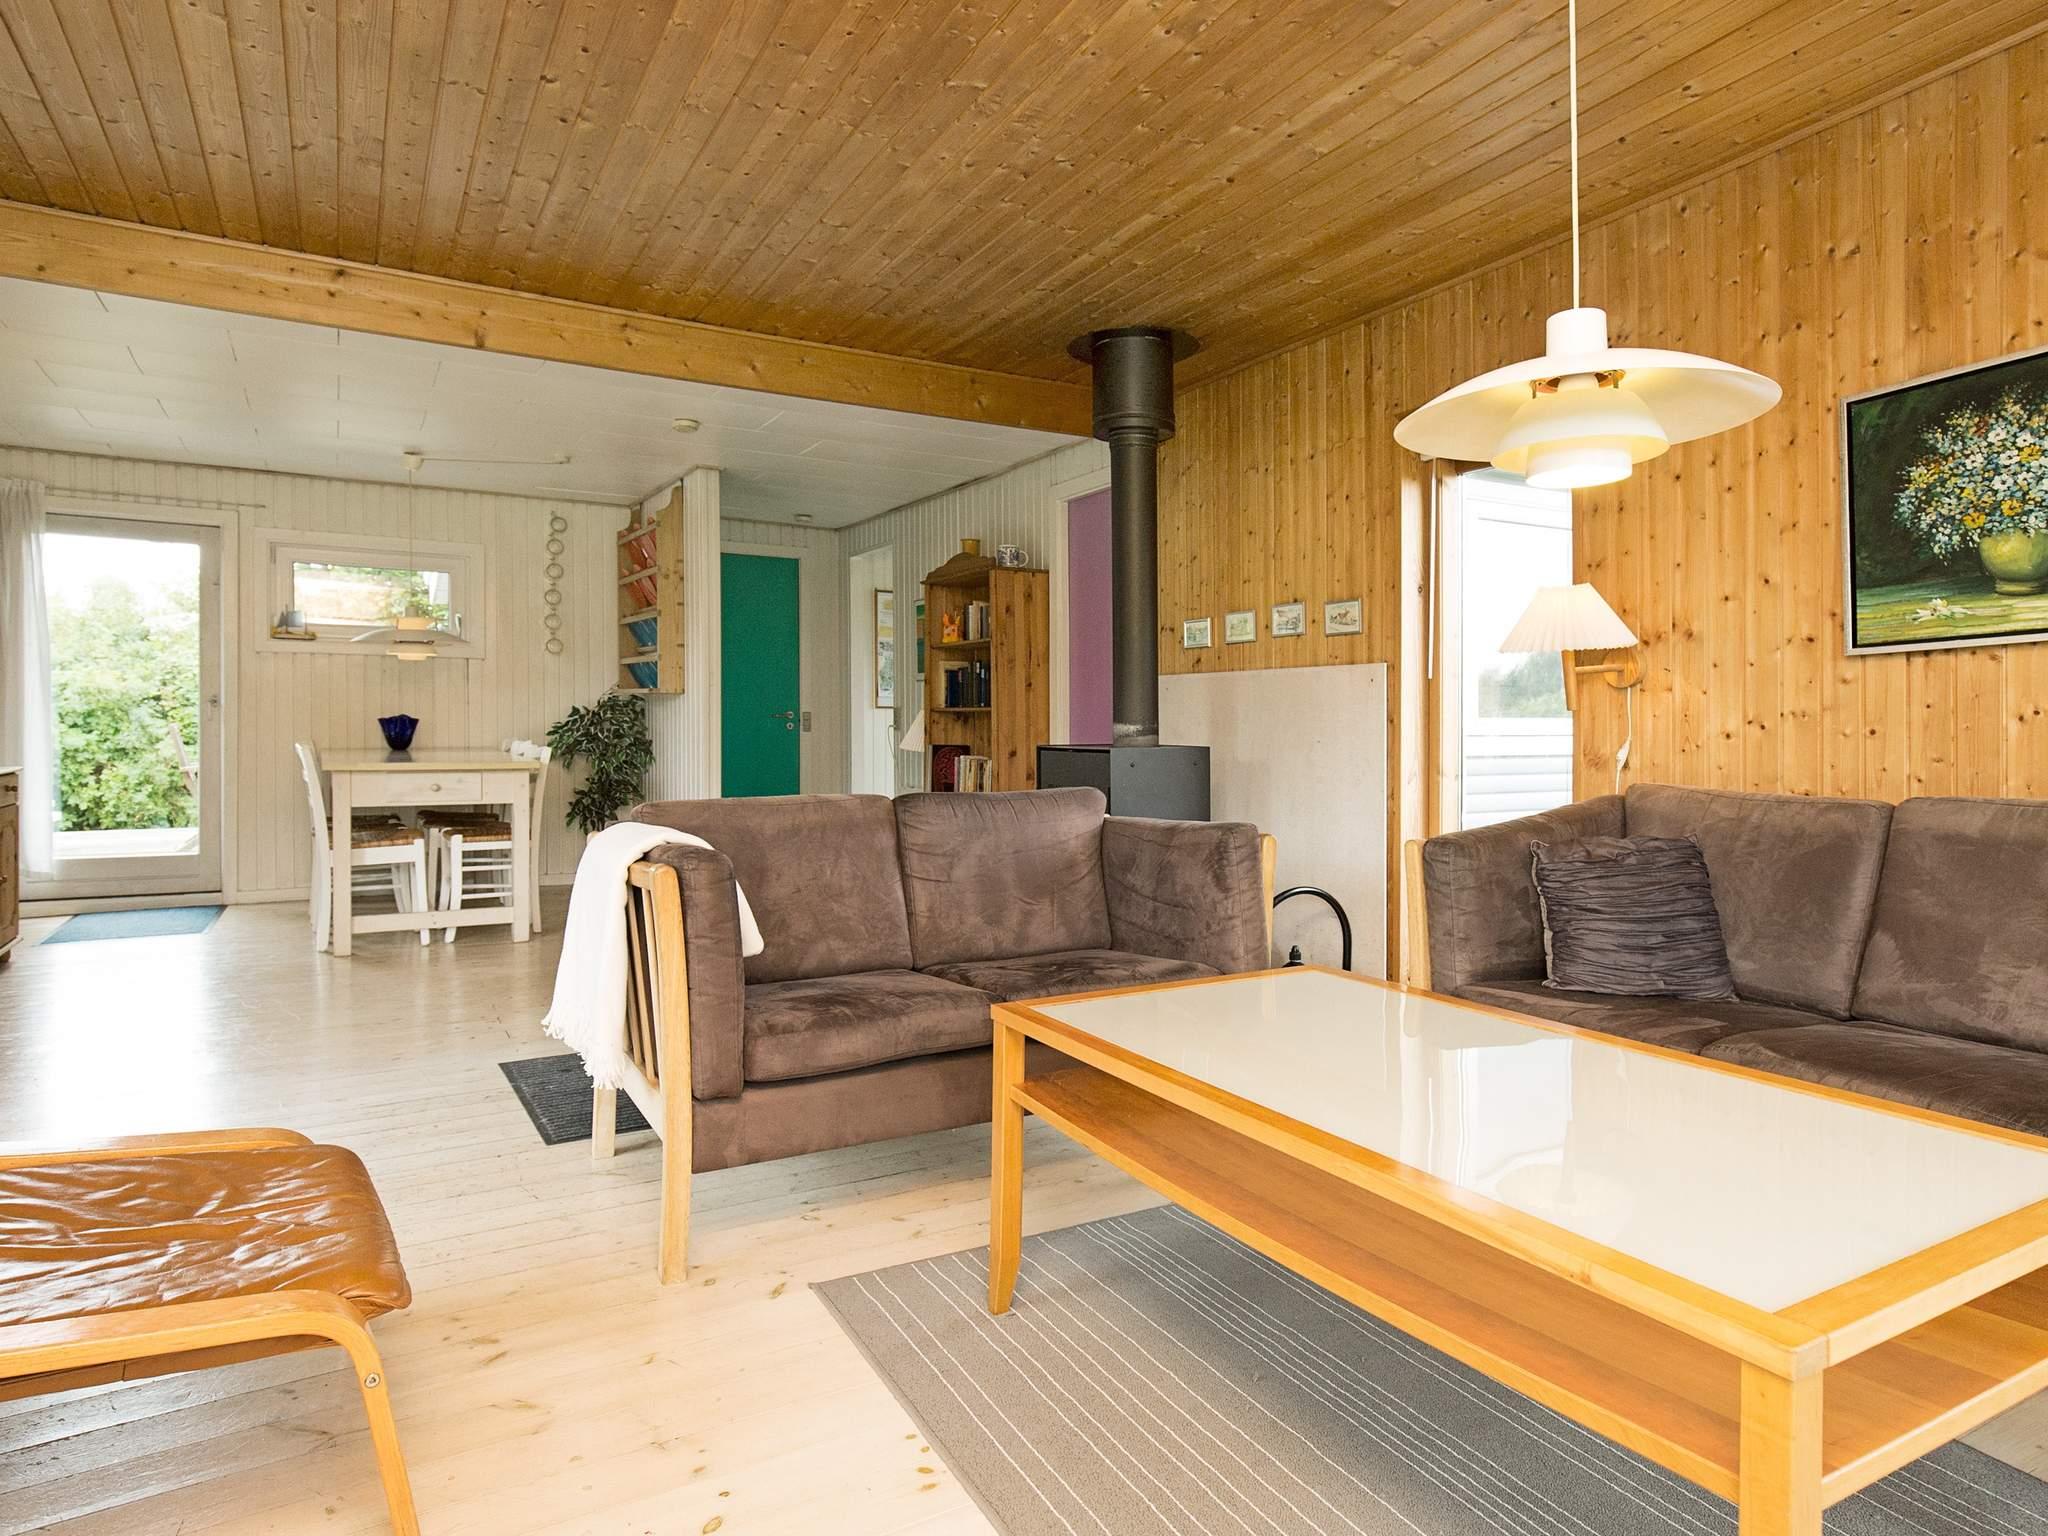 Ferienhaus Enø (85461), Karrebæksminde, , Südseeland, Dänemark, Bild 11